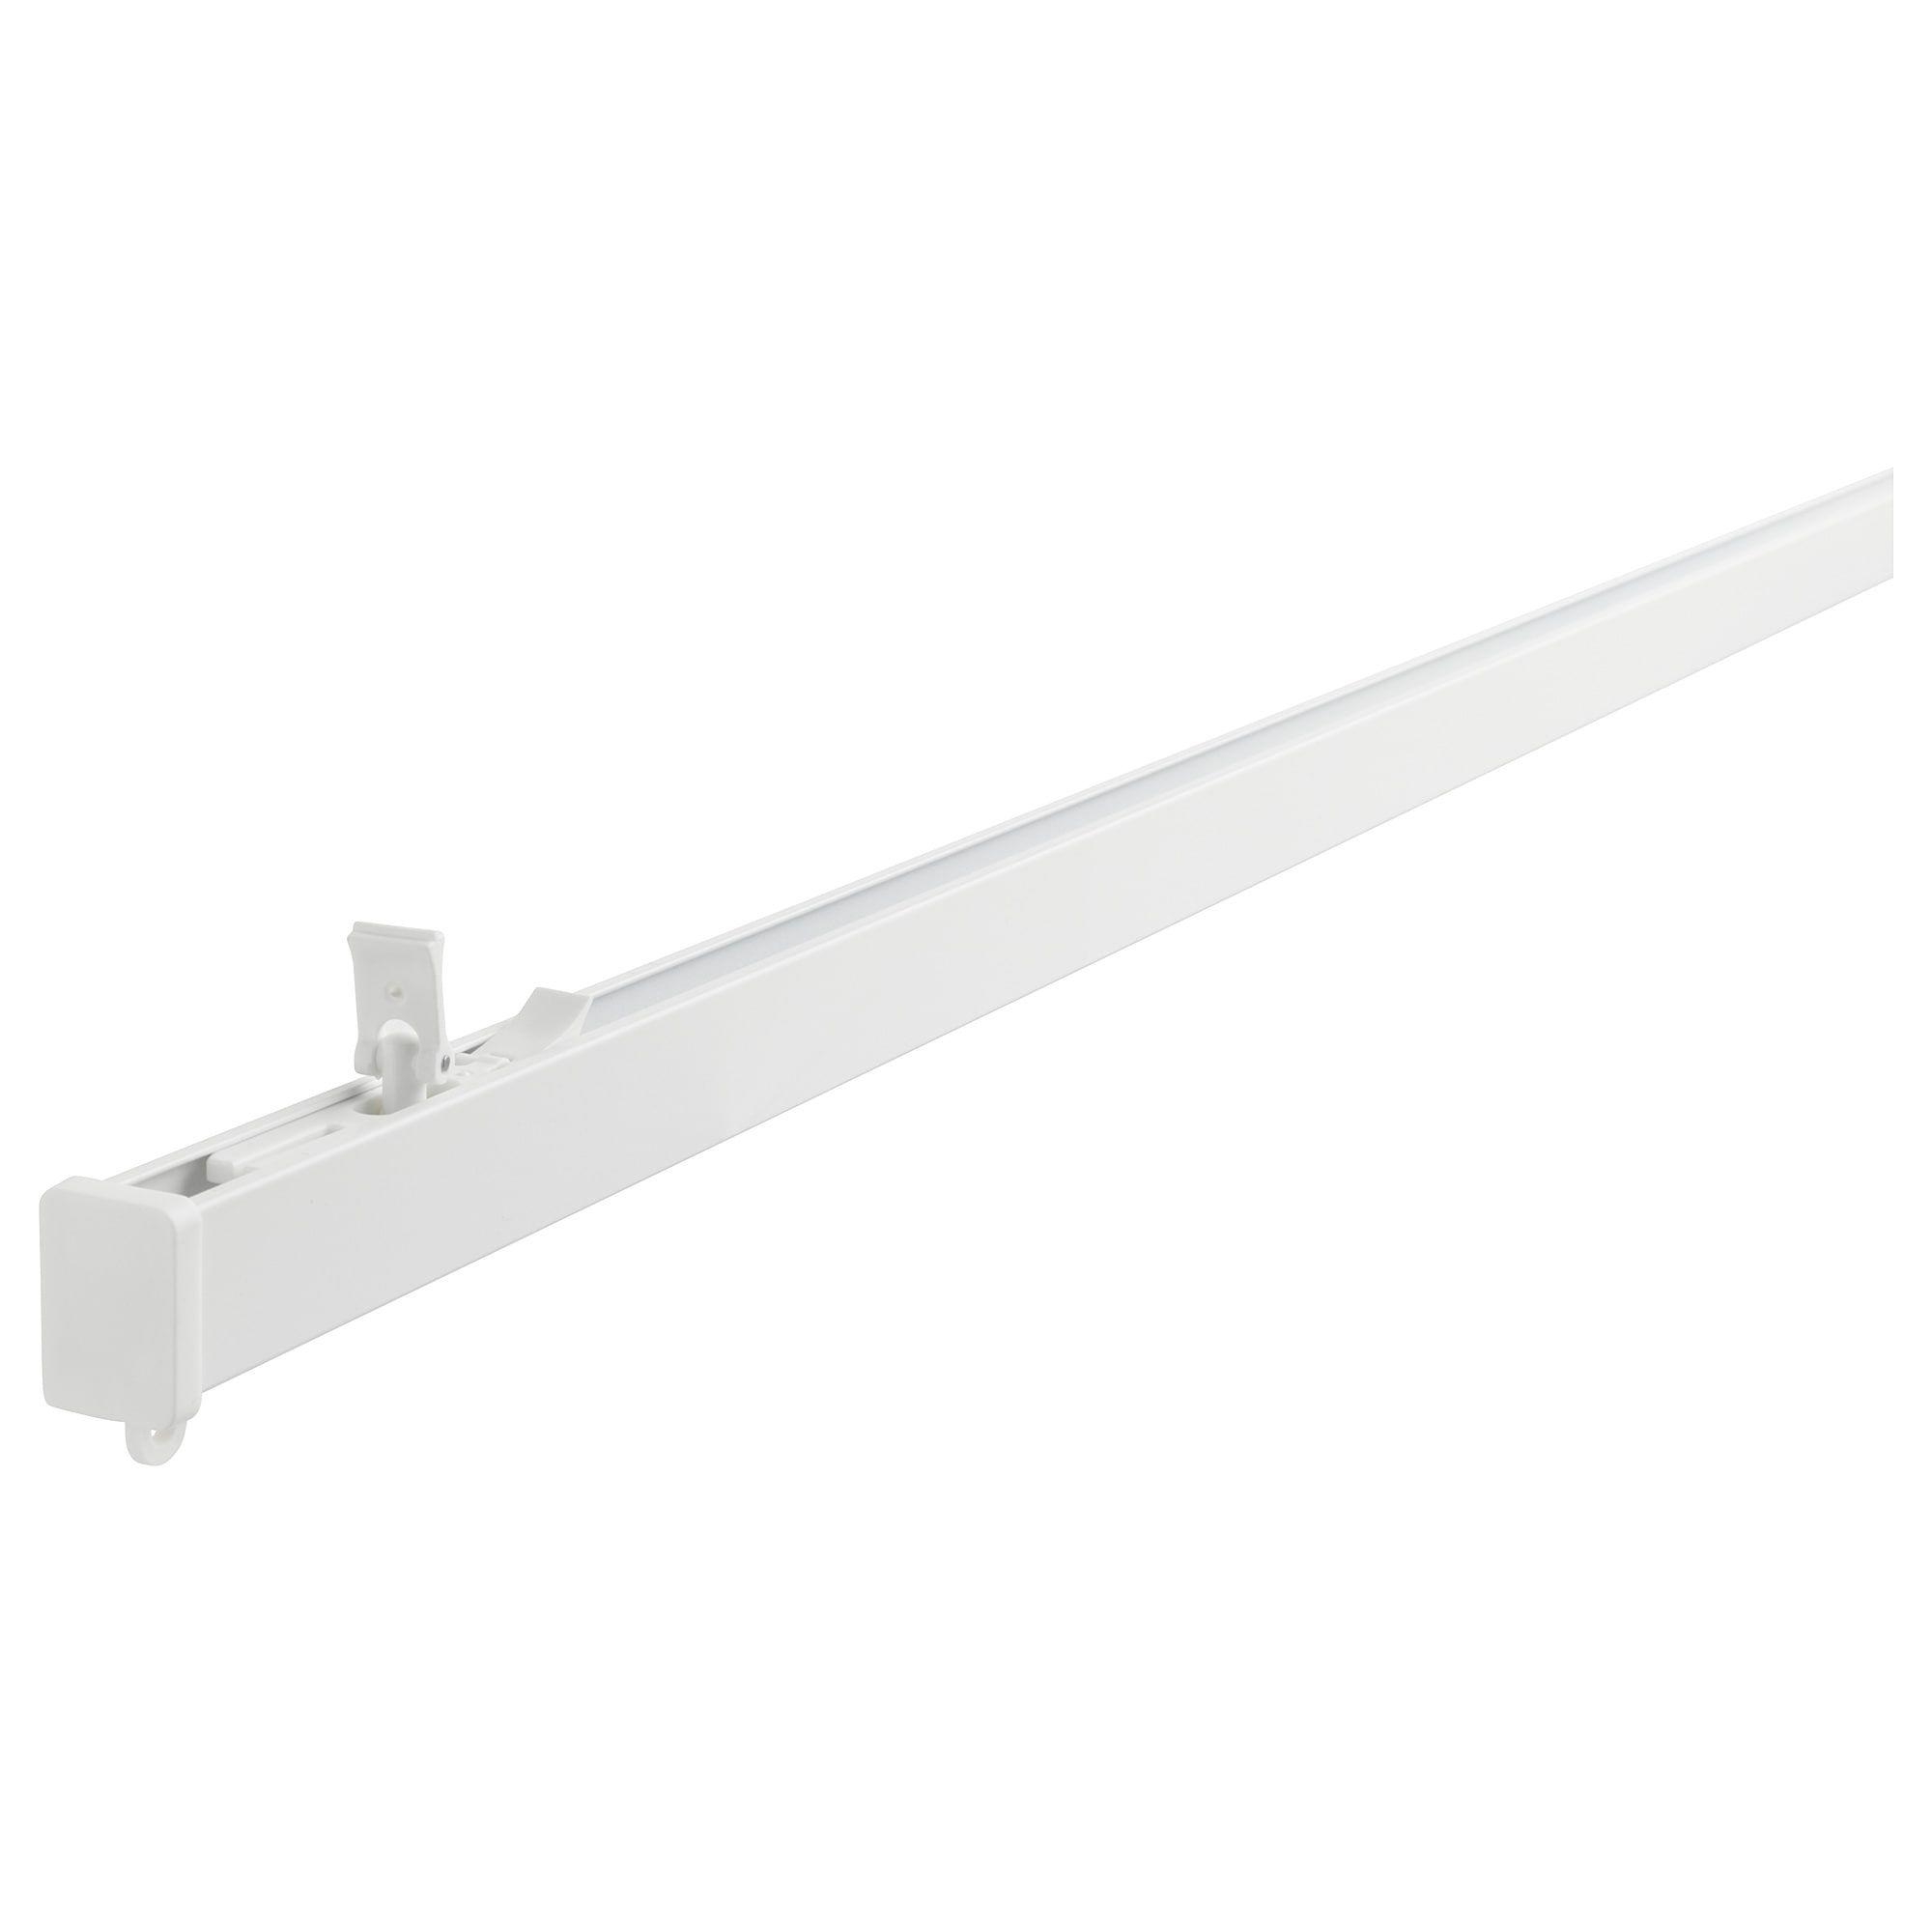 Ikea Vidga White Single Track Rail Ikea Curtain Track System